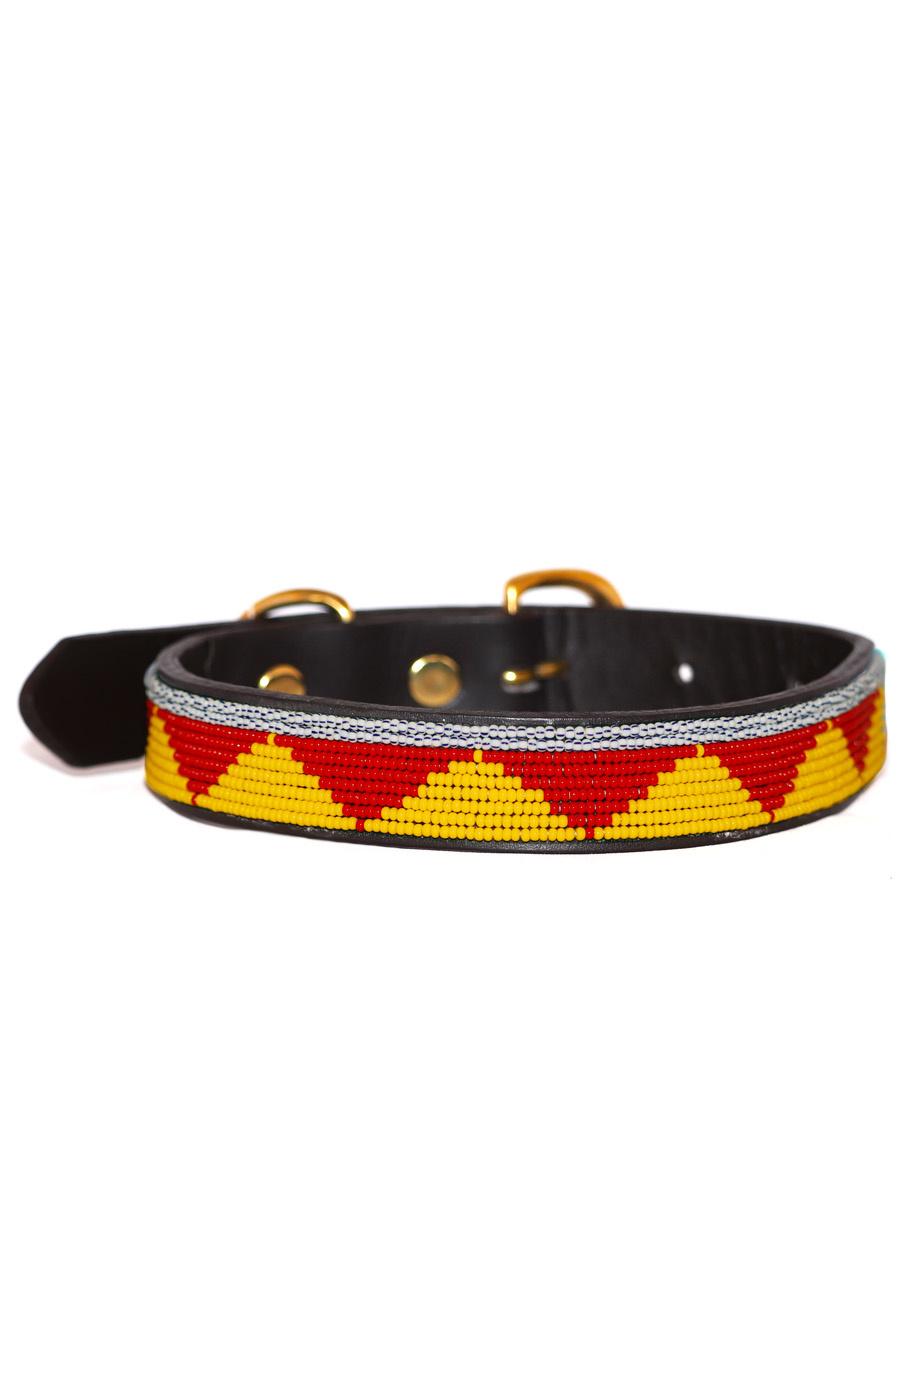 Pet Collar Spring Yellow/Red Large-1